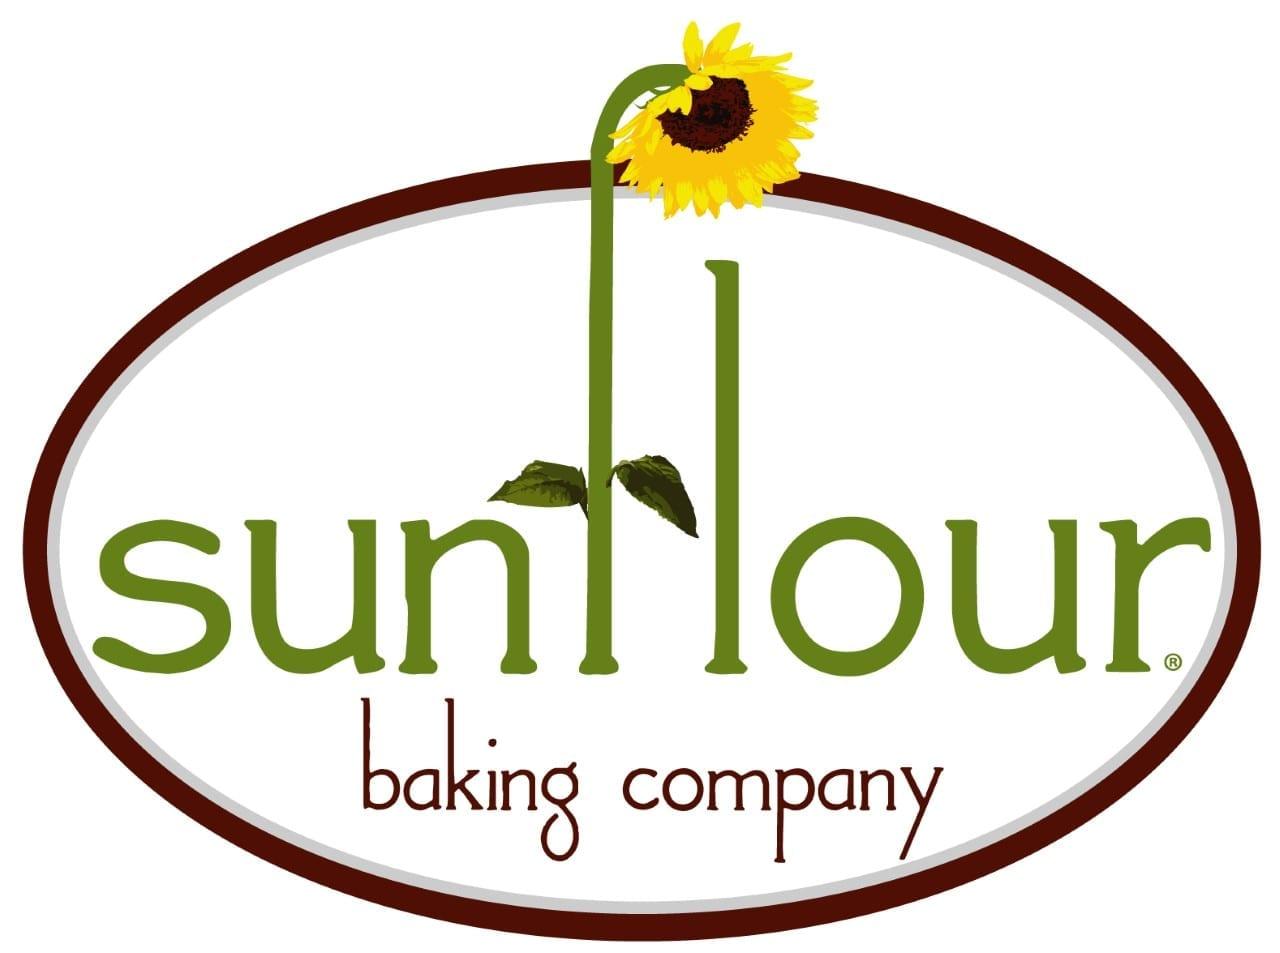 Sunflower Baking